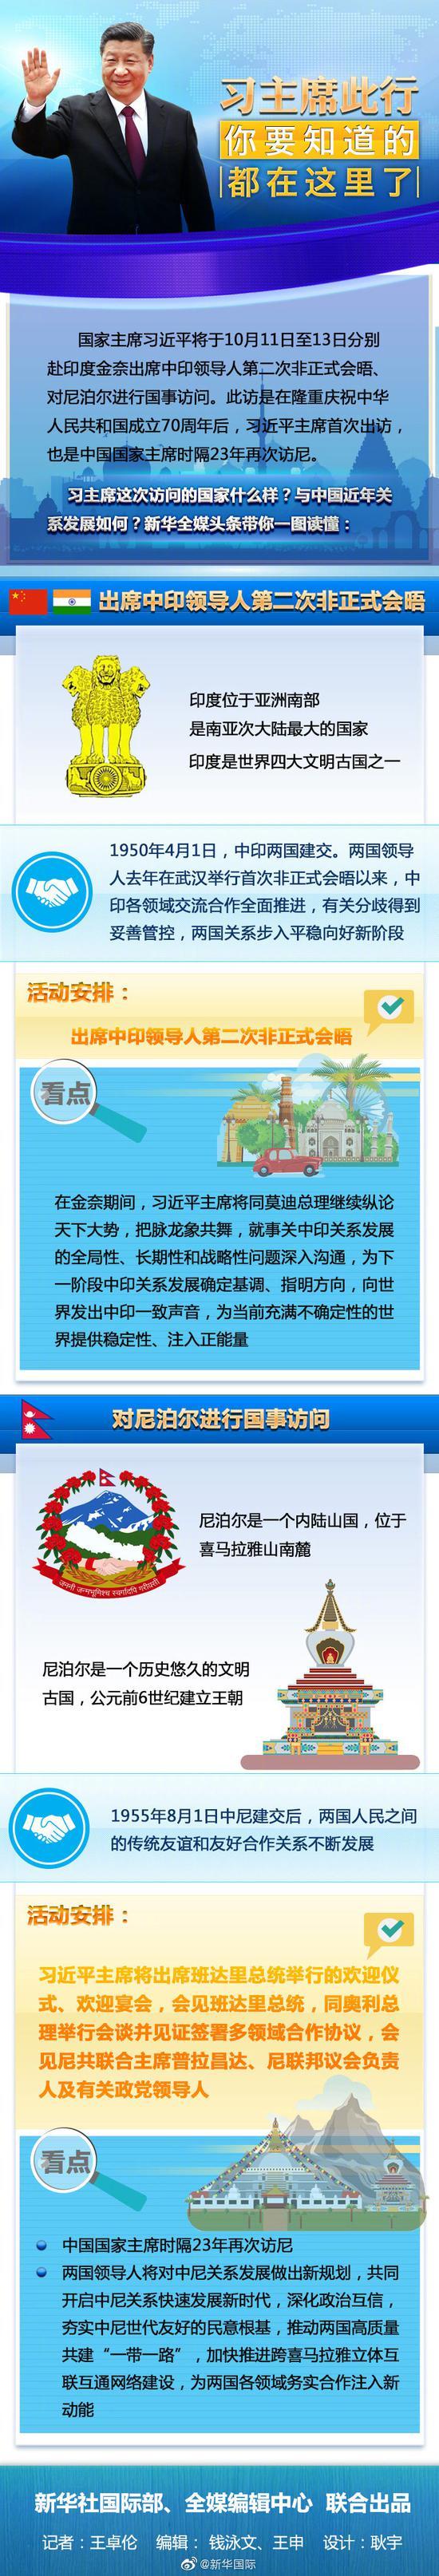 江淮汽车今年获政府补贴逾8000万元